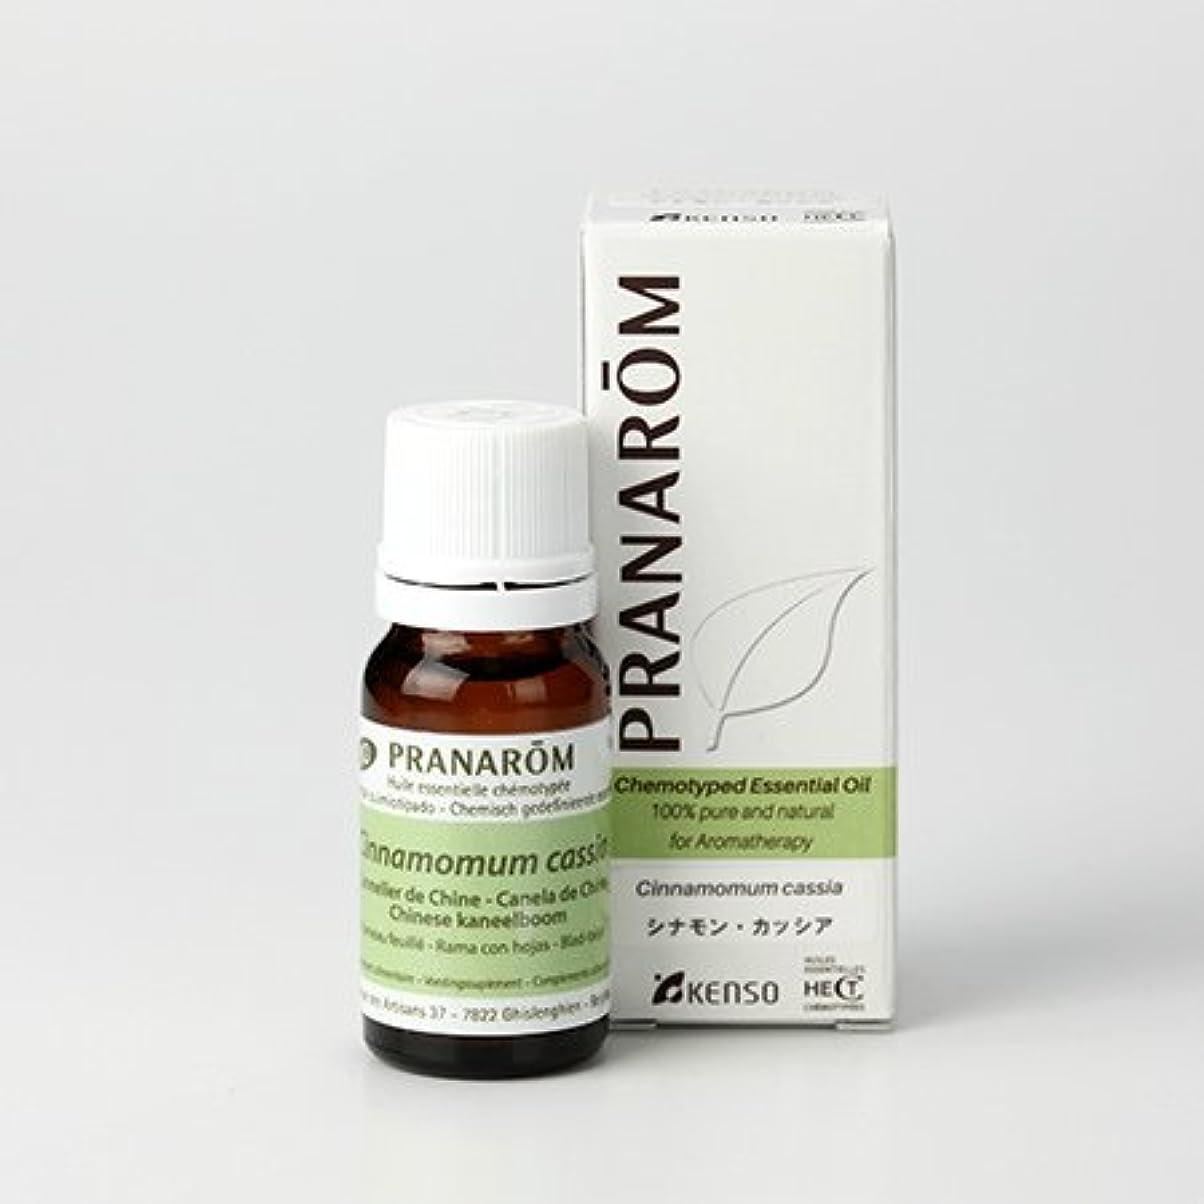 言語学精通したリムプラナロム シナモンカッシア 10ml (PRANAROM ケモタイプ精油)